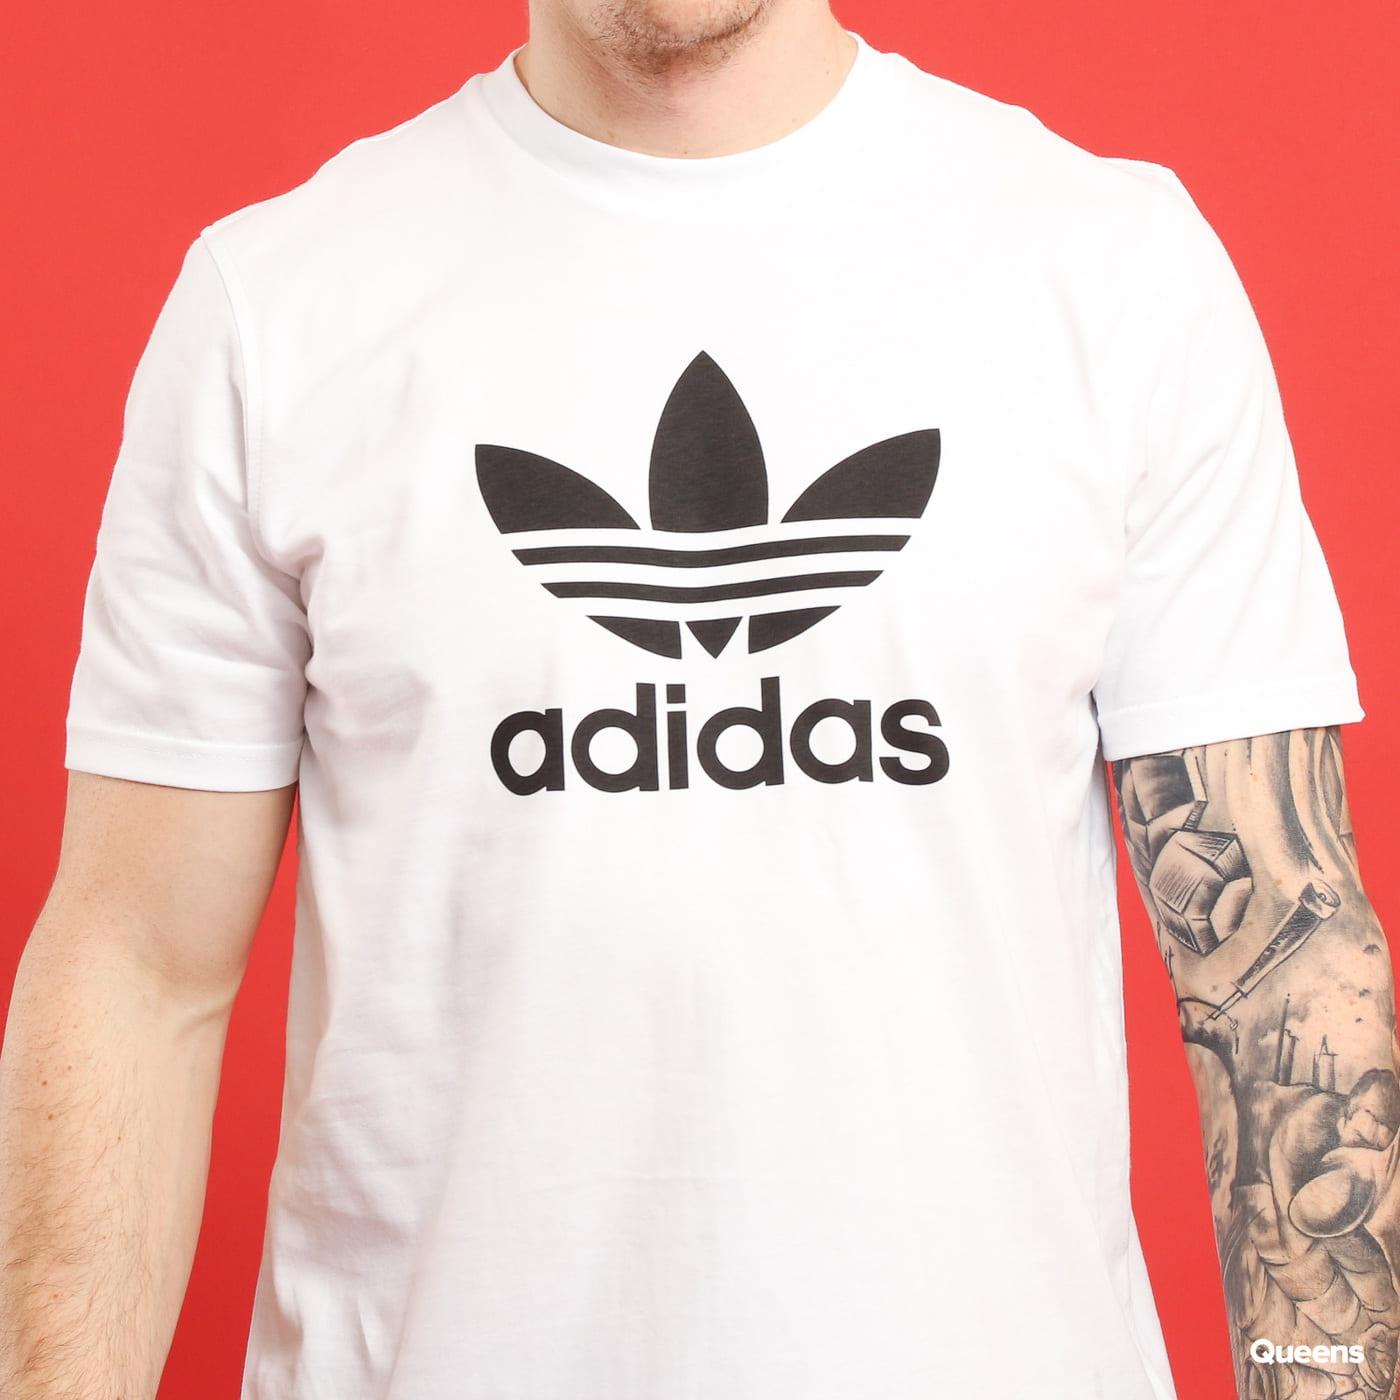 adidas Originals Trefoil T-shirt biele